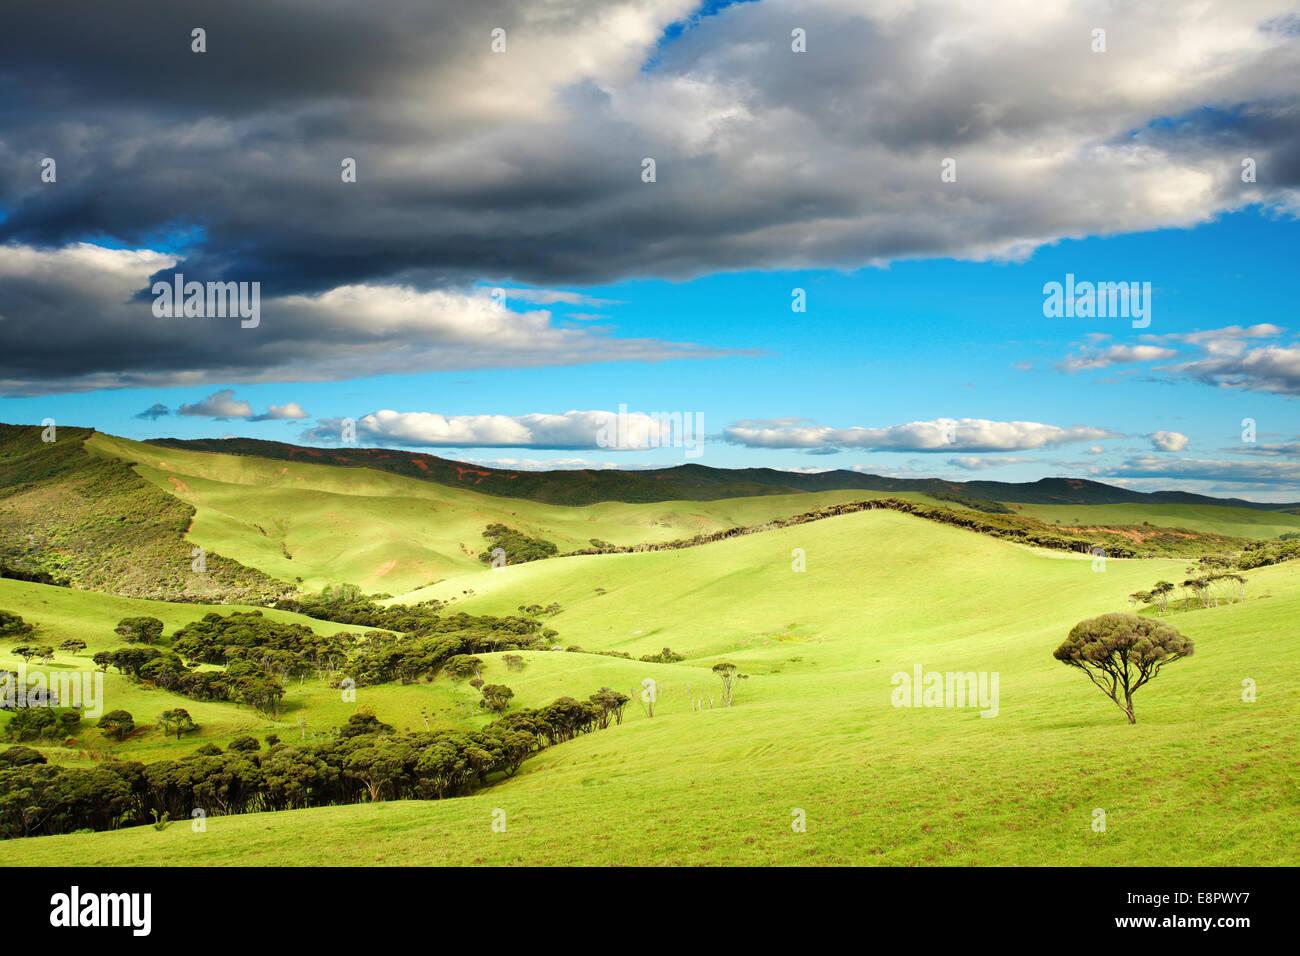 Beau paysage au coucher du soleil, Nouvelle-Zélande Banque D'Images